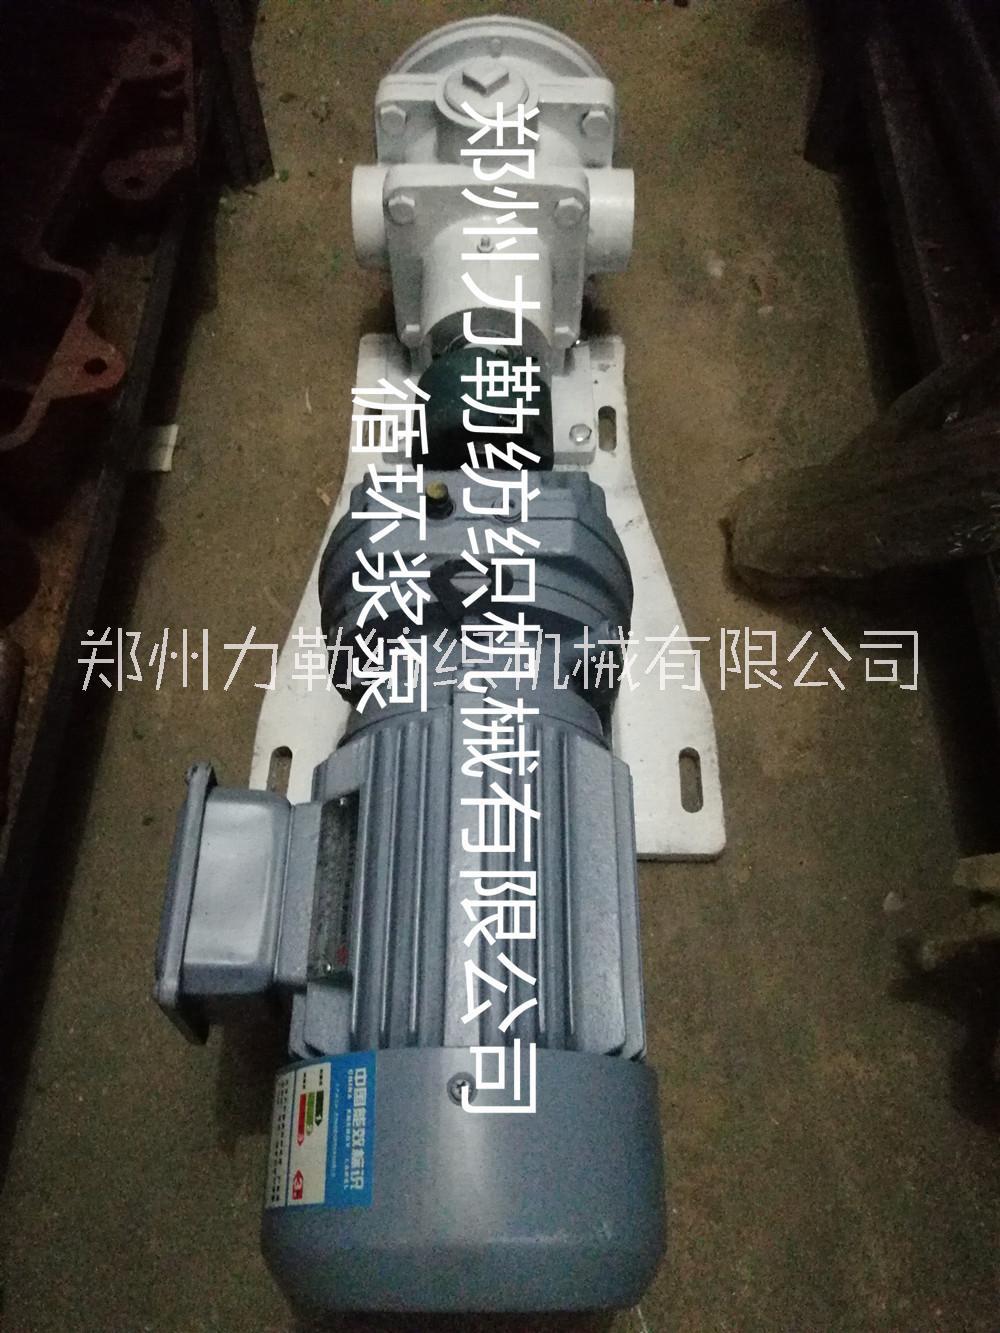 高密浆纱机循环浆泵价格 浆纱机配件价格 循环浆泵厂家